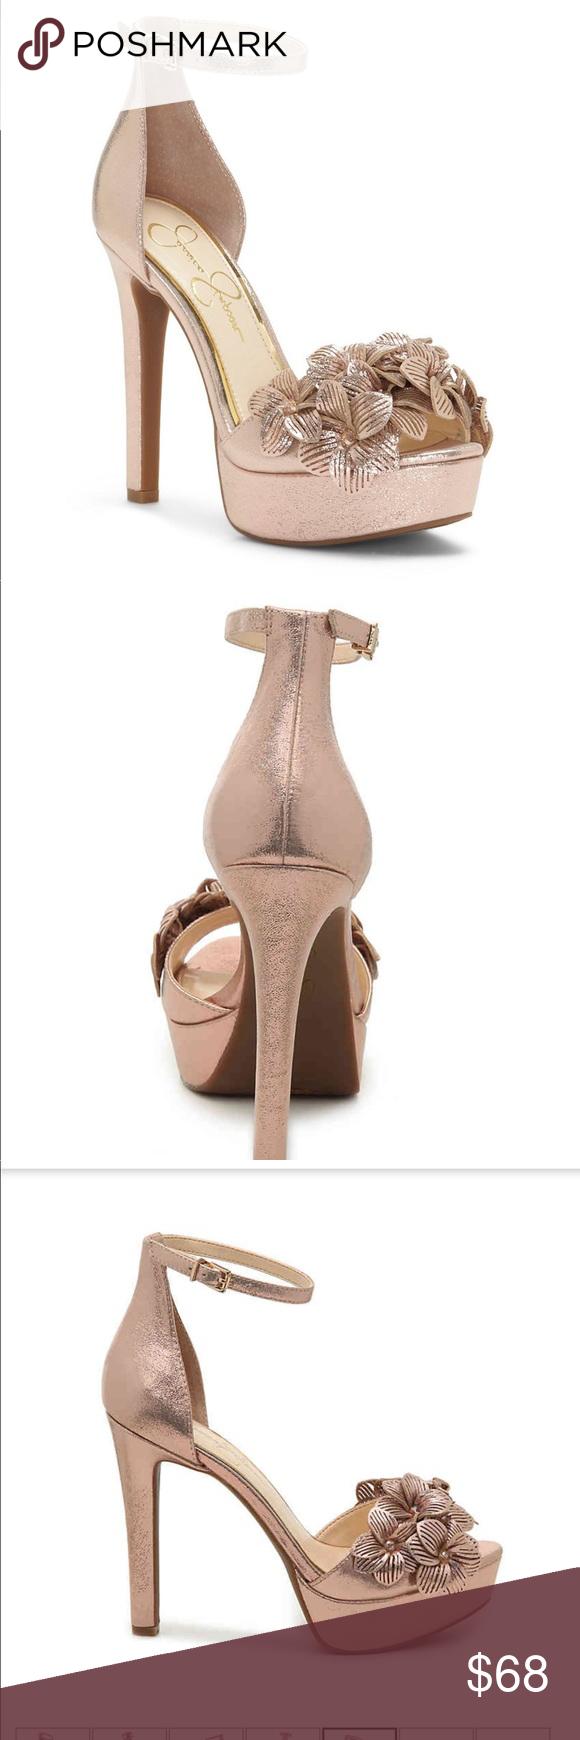 3eb7d28f442 NWT Mayfaran 3D Laser Flowers Platform Sandals Beautiful